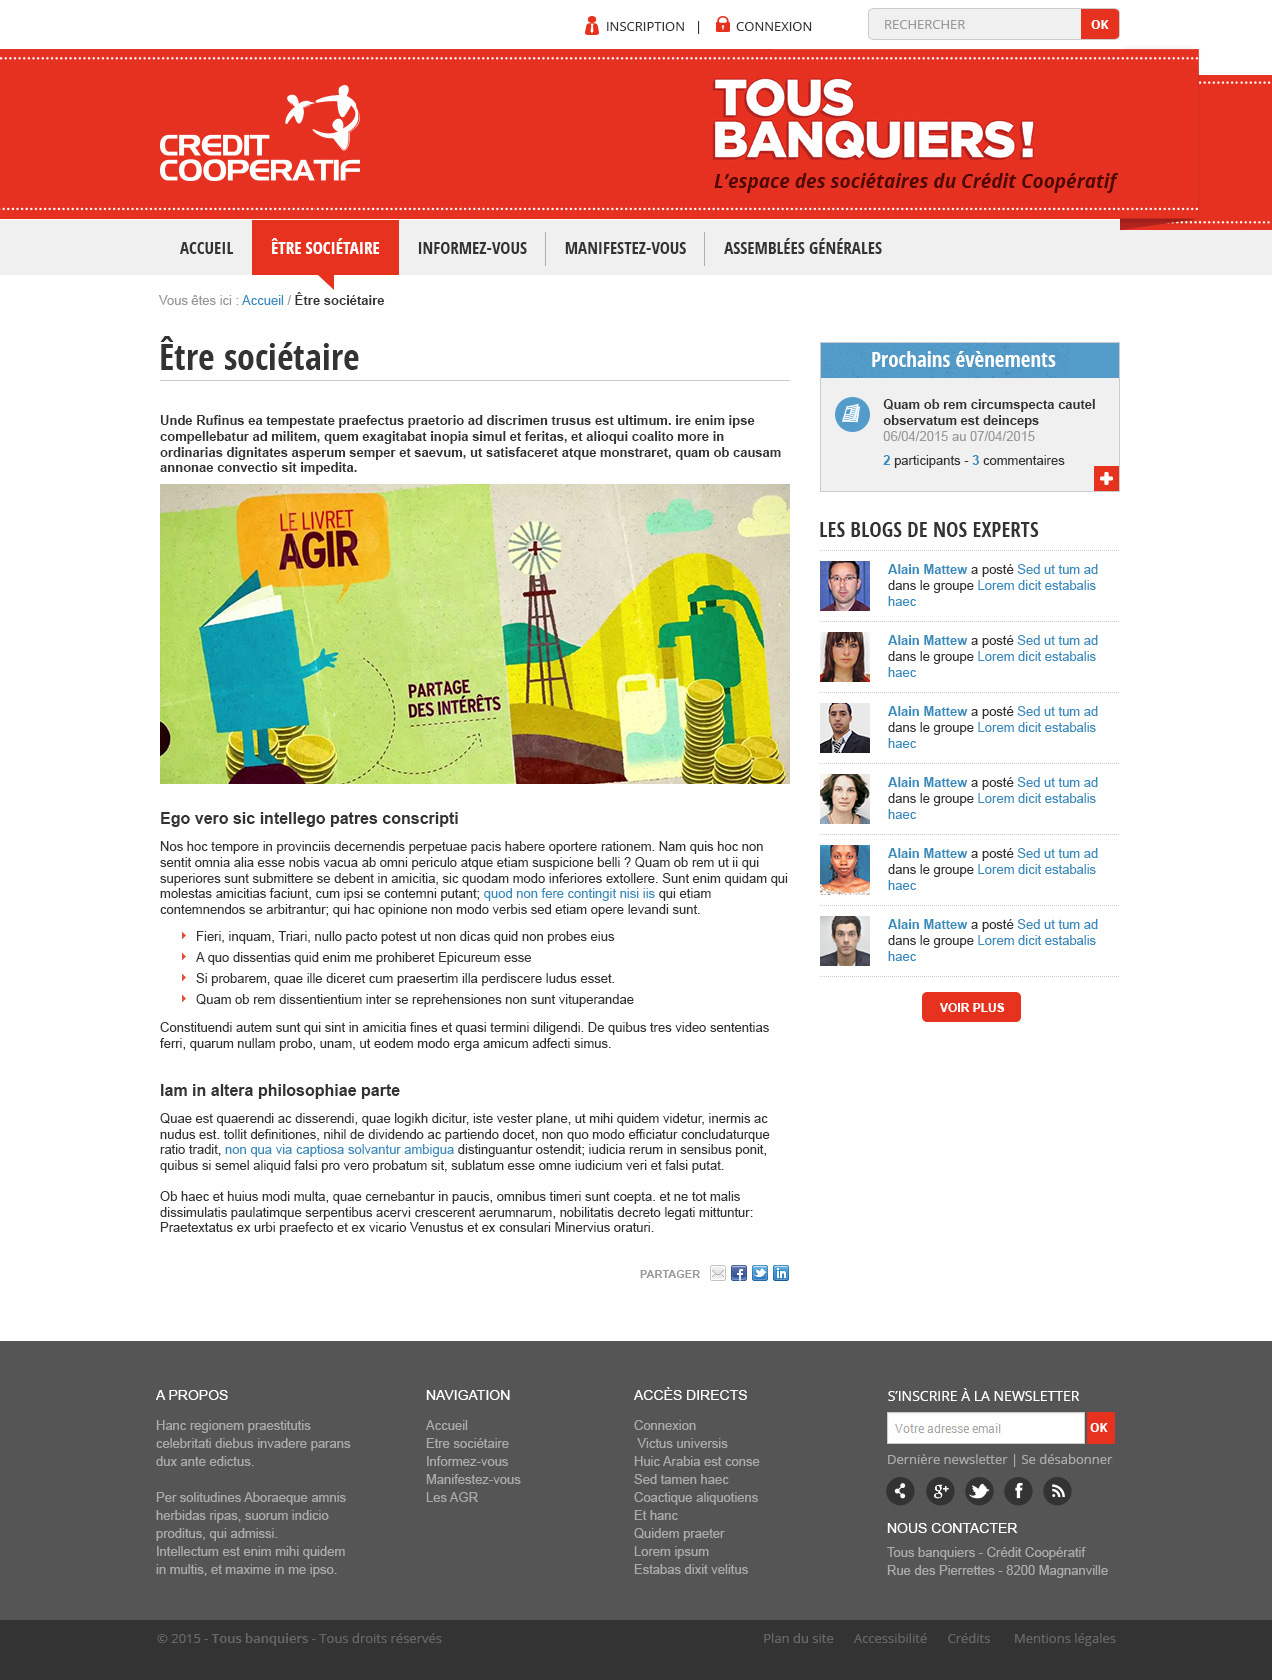 Crédit Coopératif Tous Banquiers – Page